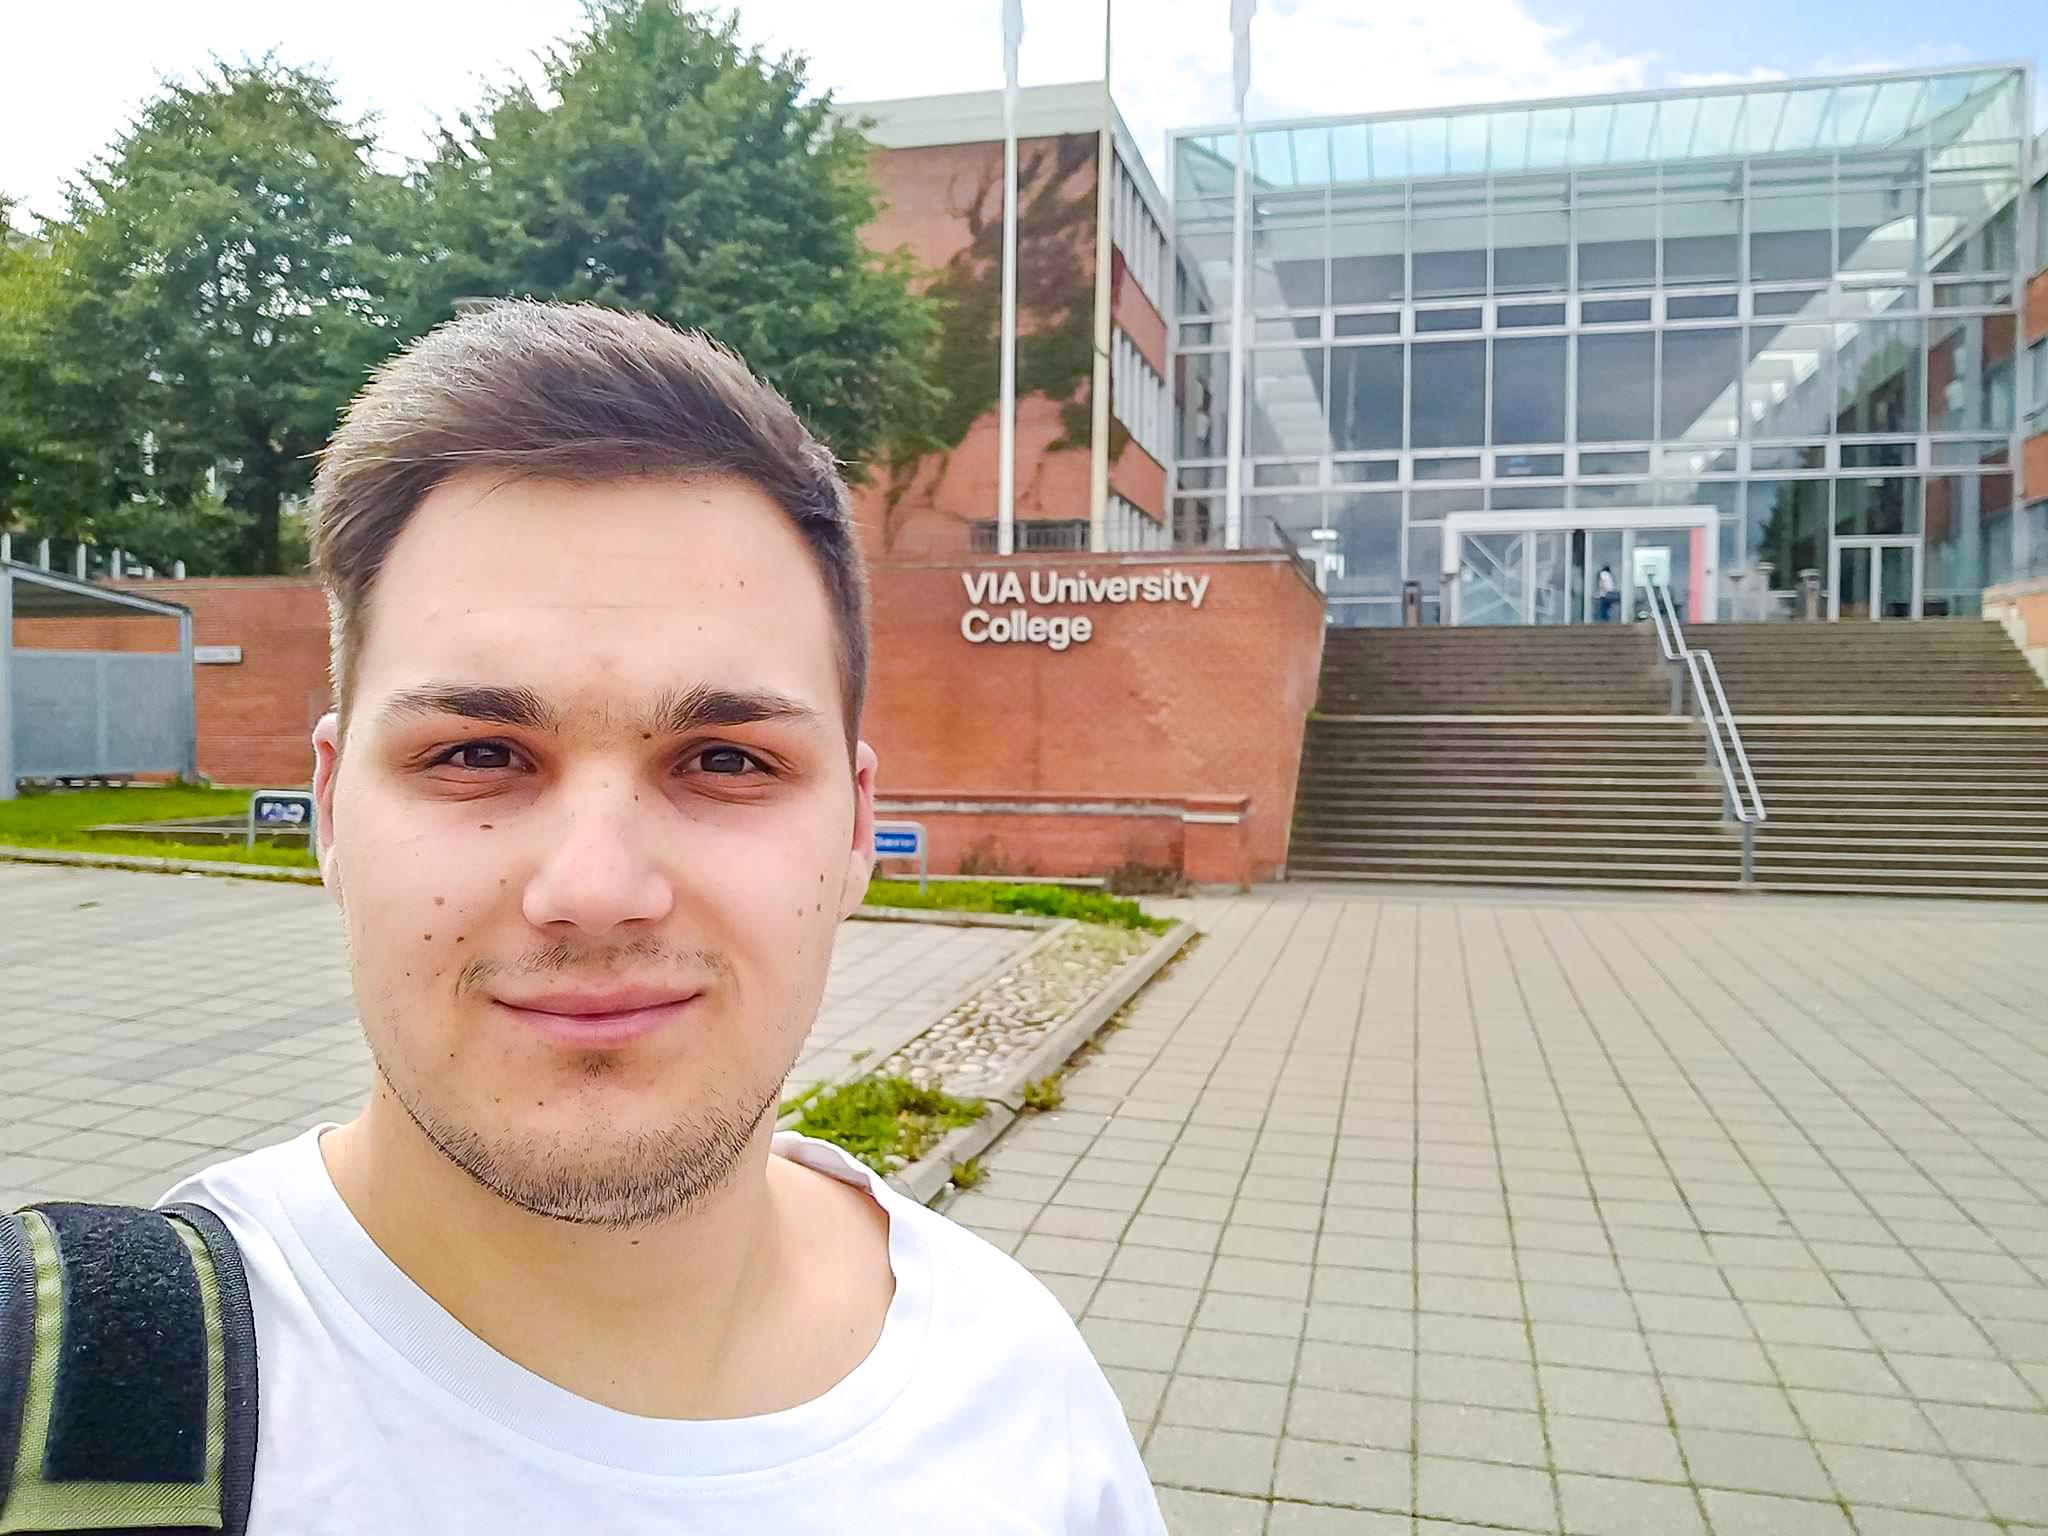 Lasciare l'Italia per studiare in Danimarca dove non si pagano le tasse universitarie e la disoccupazione è minima la bella storia di Luca Milani